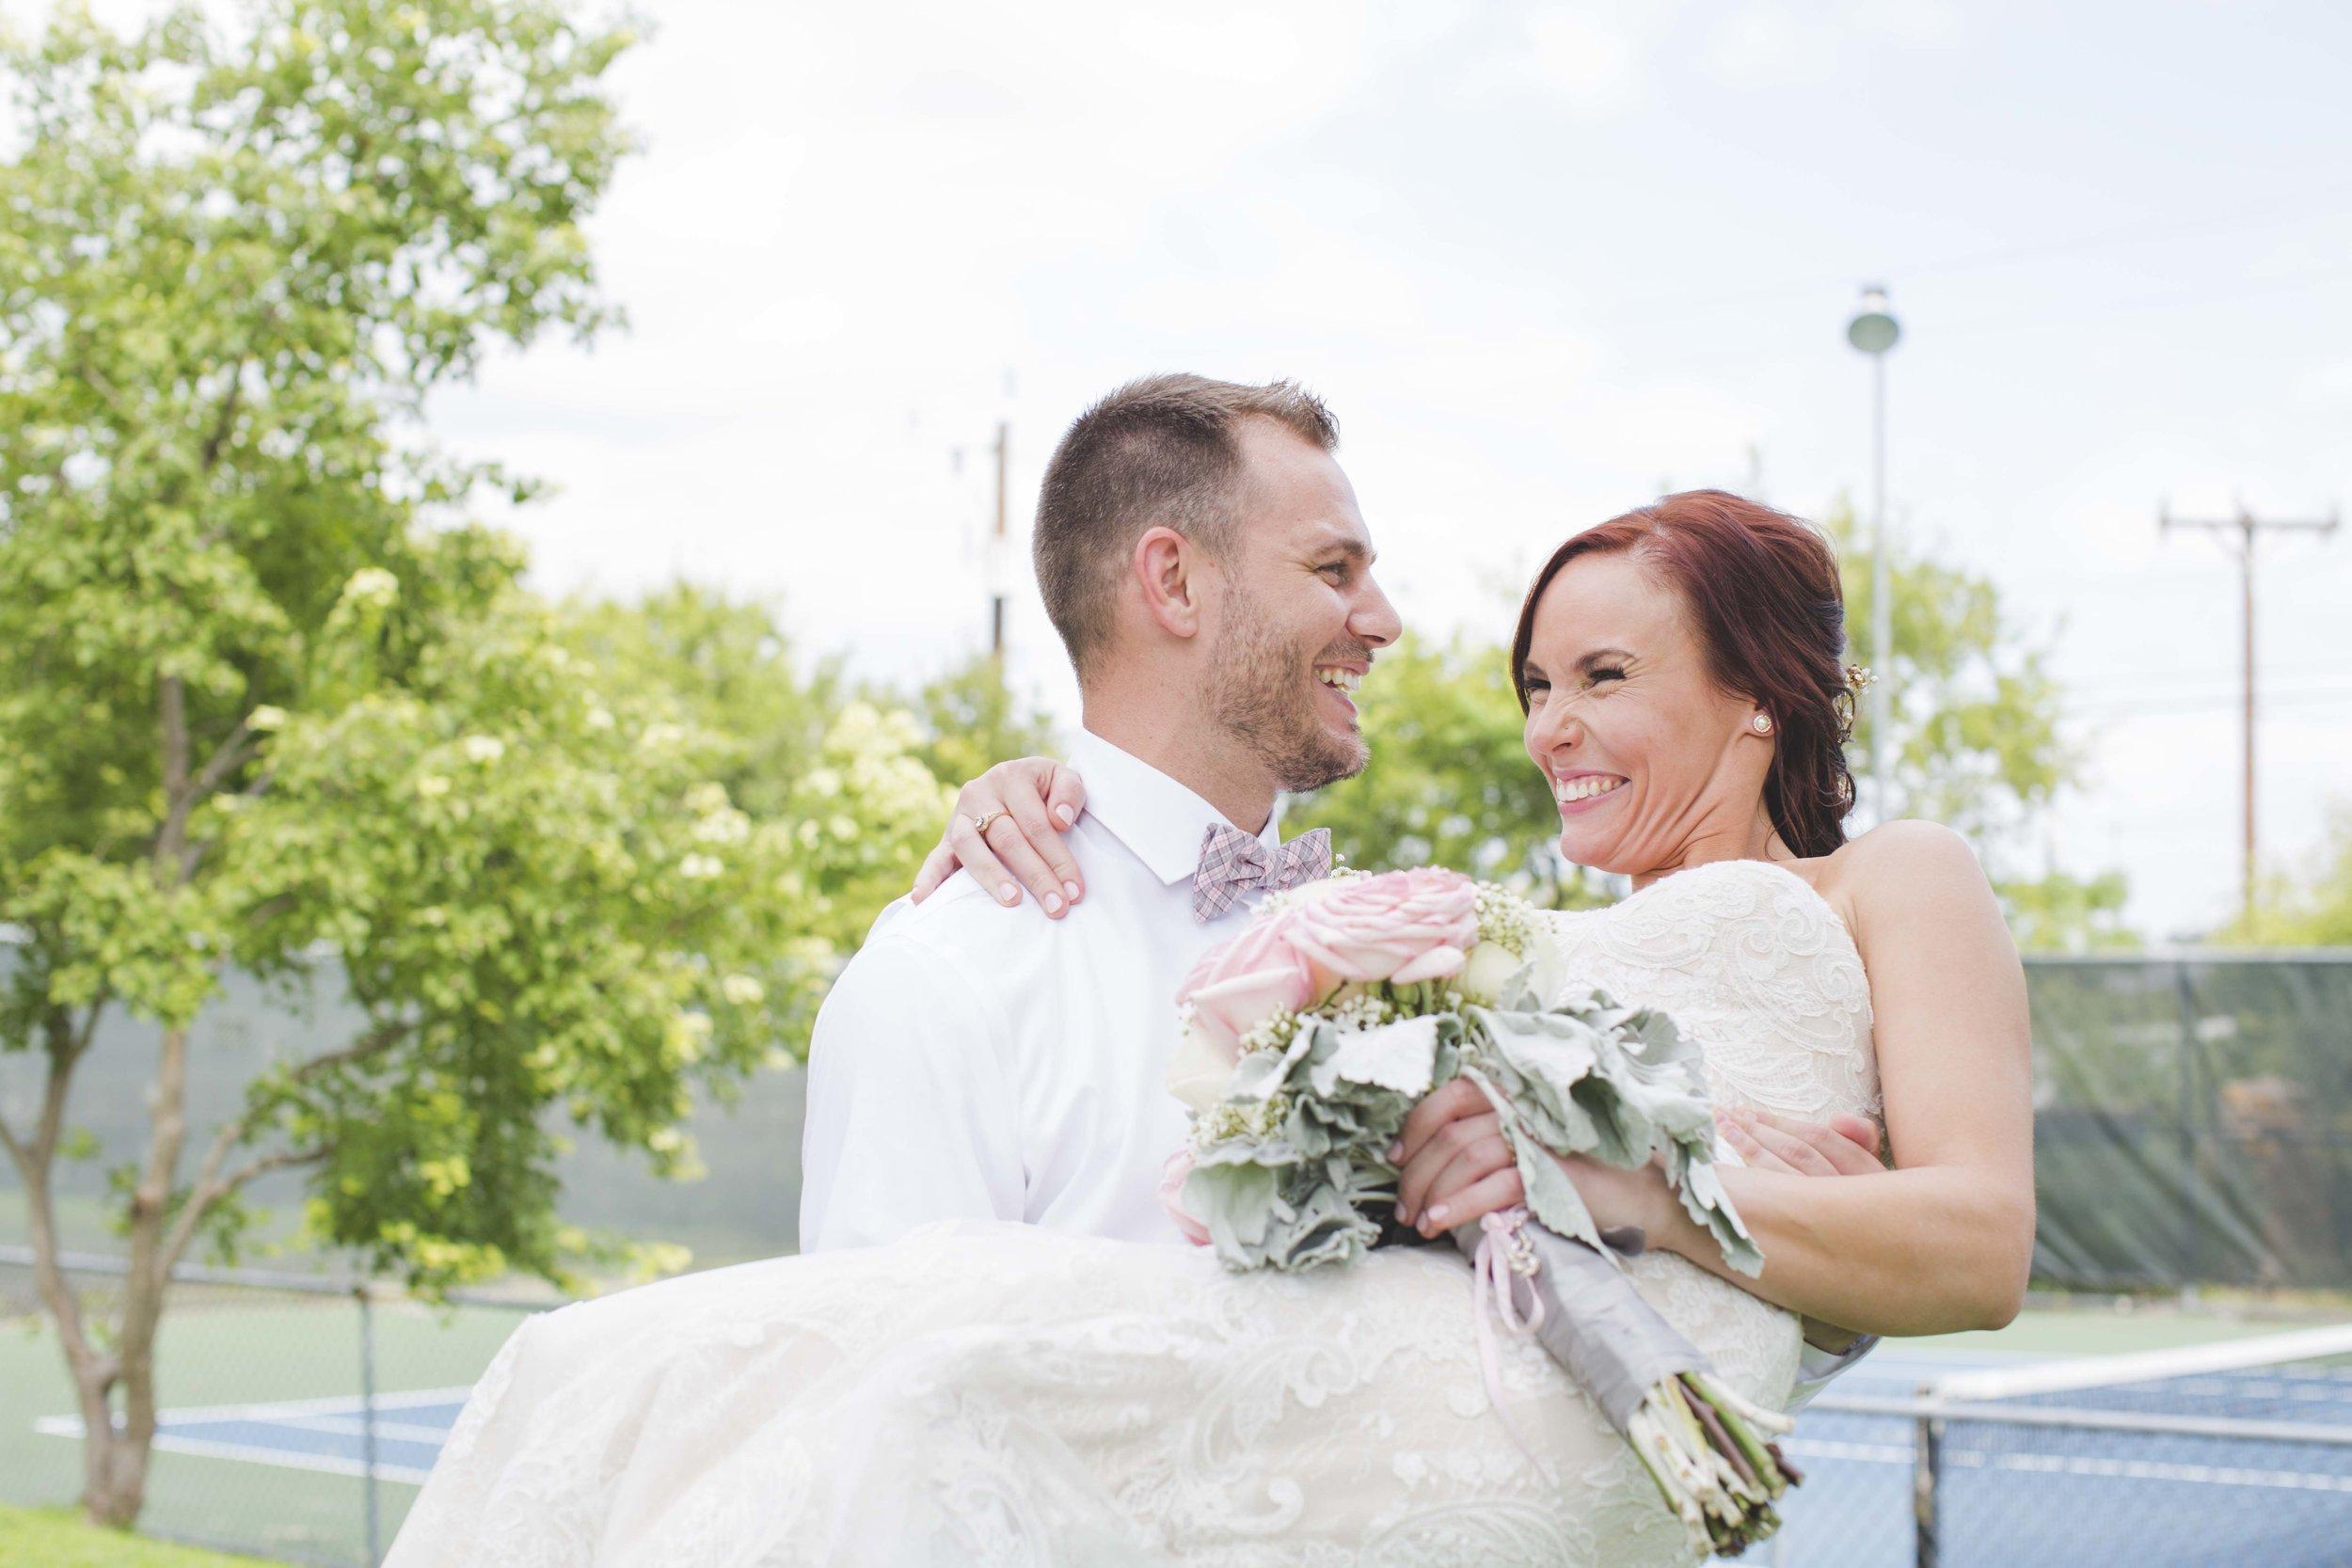 ATGI_Susanna & Matt Wedding_717A8336.jpg